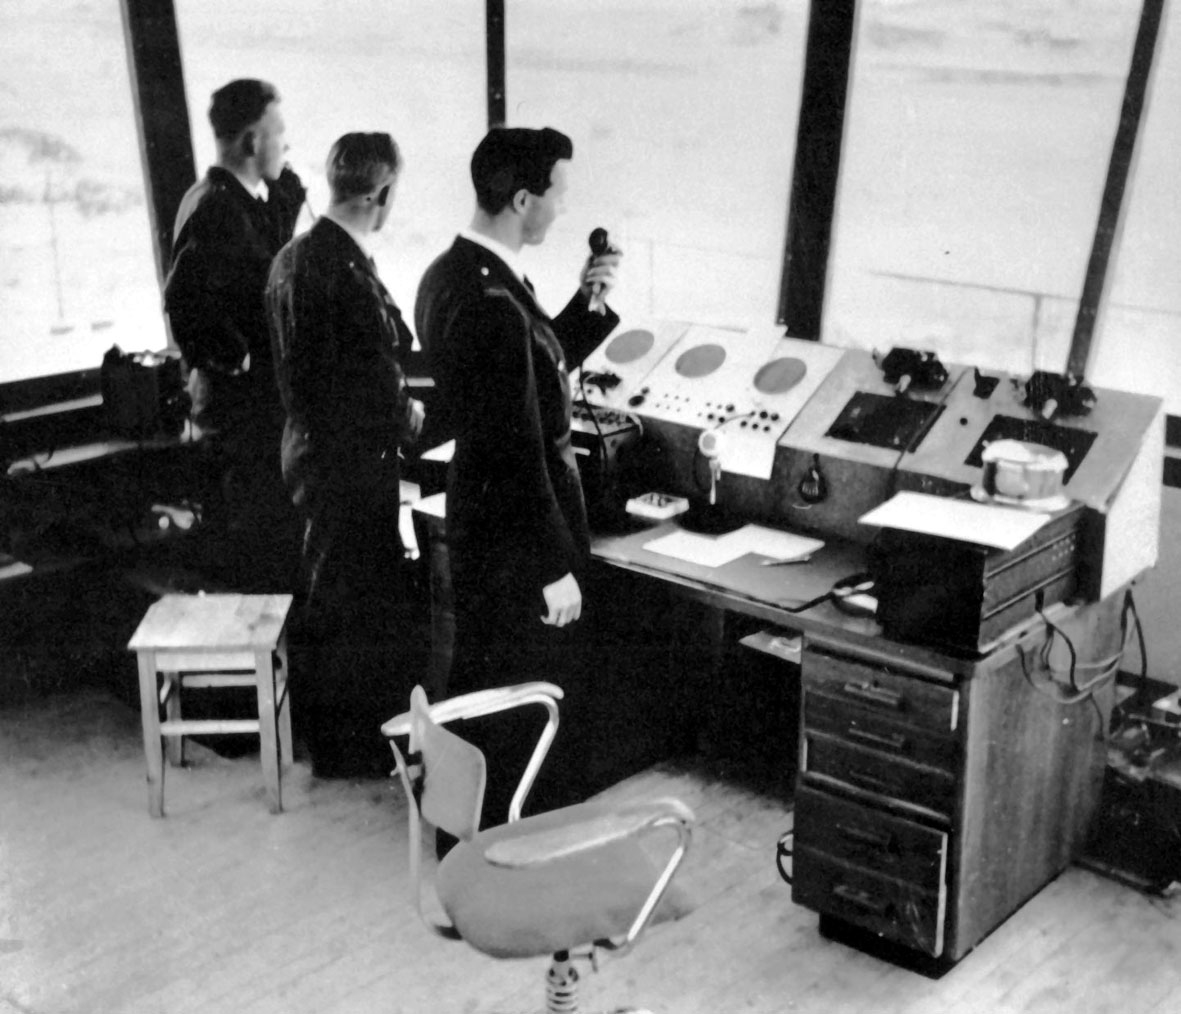 Bodø lufthavn. Portrett, tre personer, en flygeleder, en militær liaison offiser og en flygelederassistent, ved kontrollpulten i det gamle flytårnet. (1952).